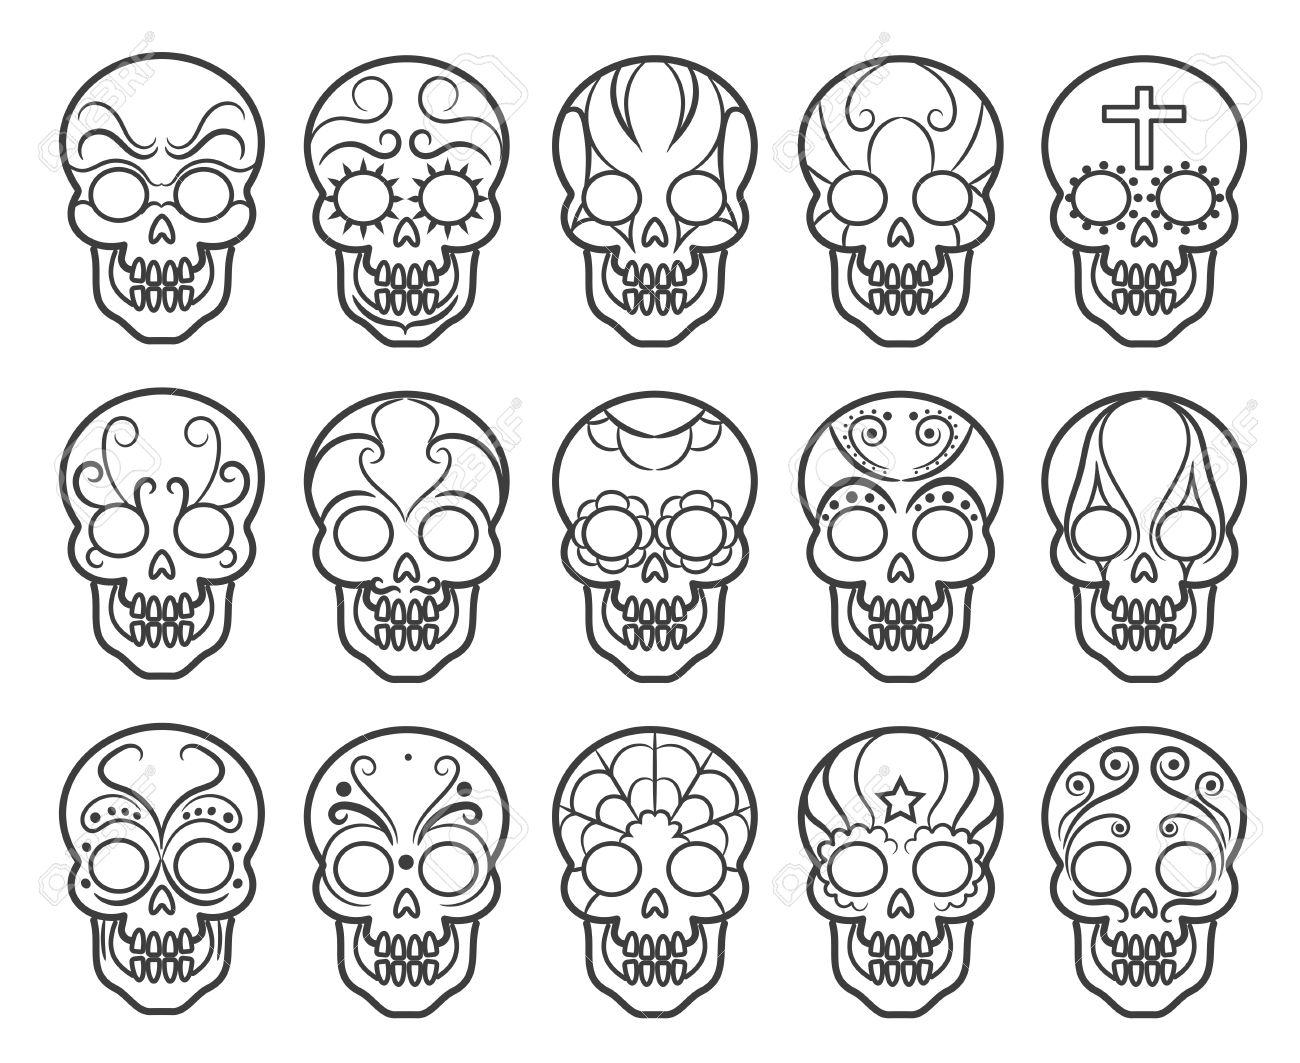 Großzügig Tag Der Toten Schädel Malvorlagen Fotos - Druckbare ...